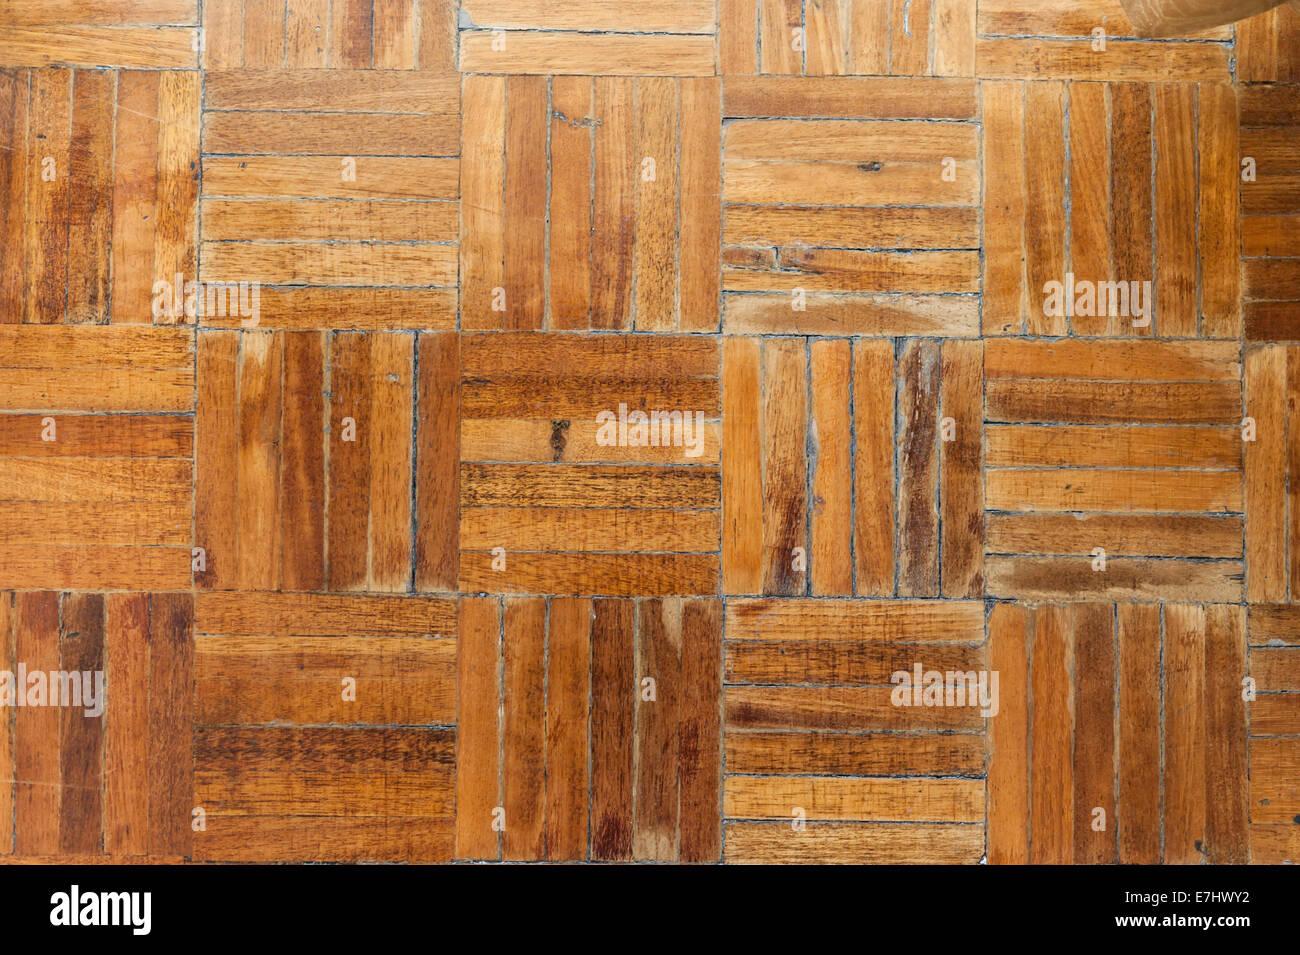 Pavimenti Rustici In Legno : Rustico pavimenti in legno texture con un modello di parquet foto